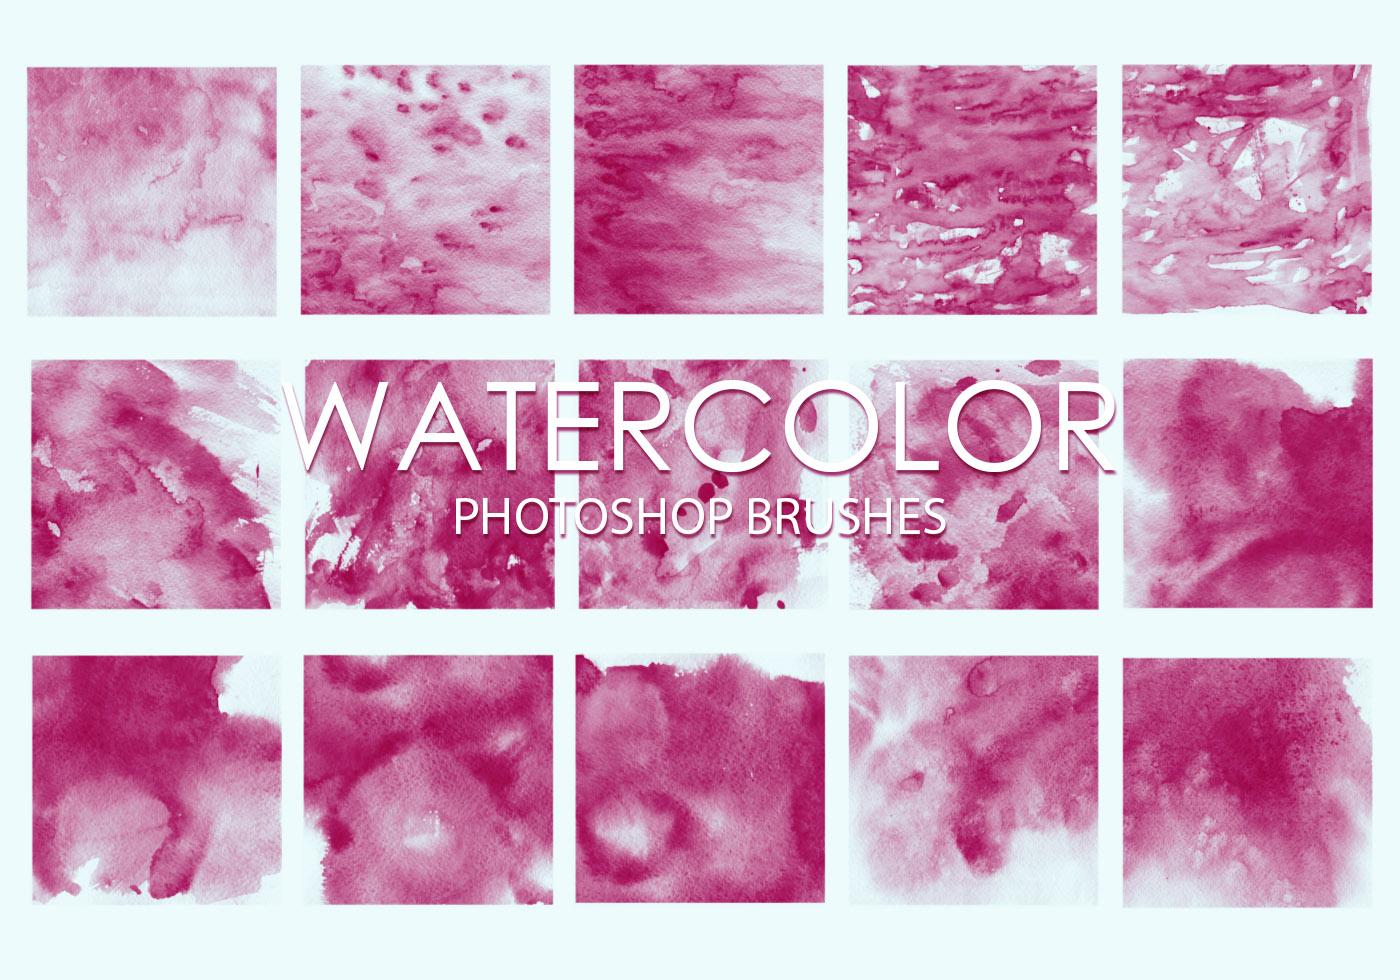 Free Hi-Res Watercolor Photoshop Brushes - Free Photoshop Brushes ...